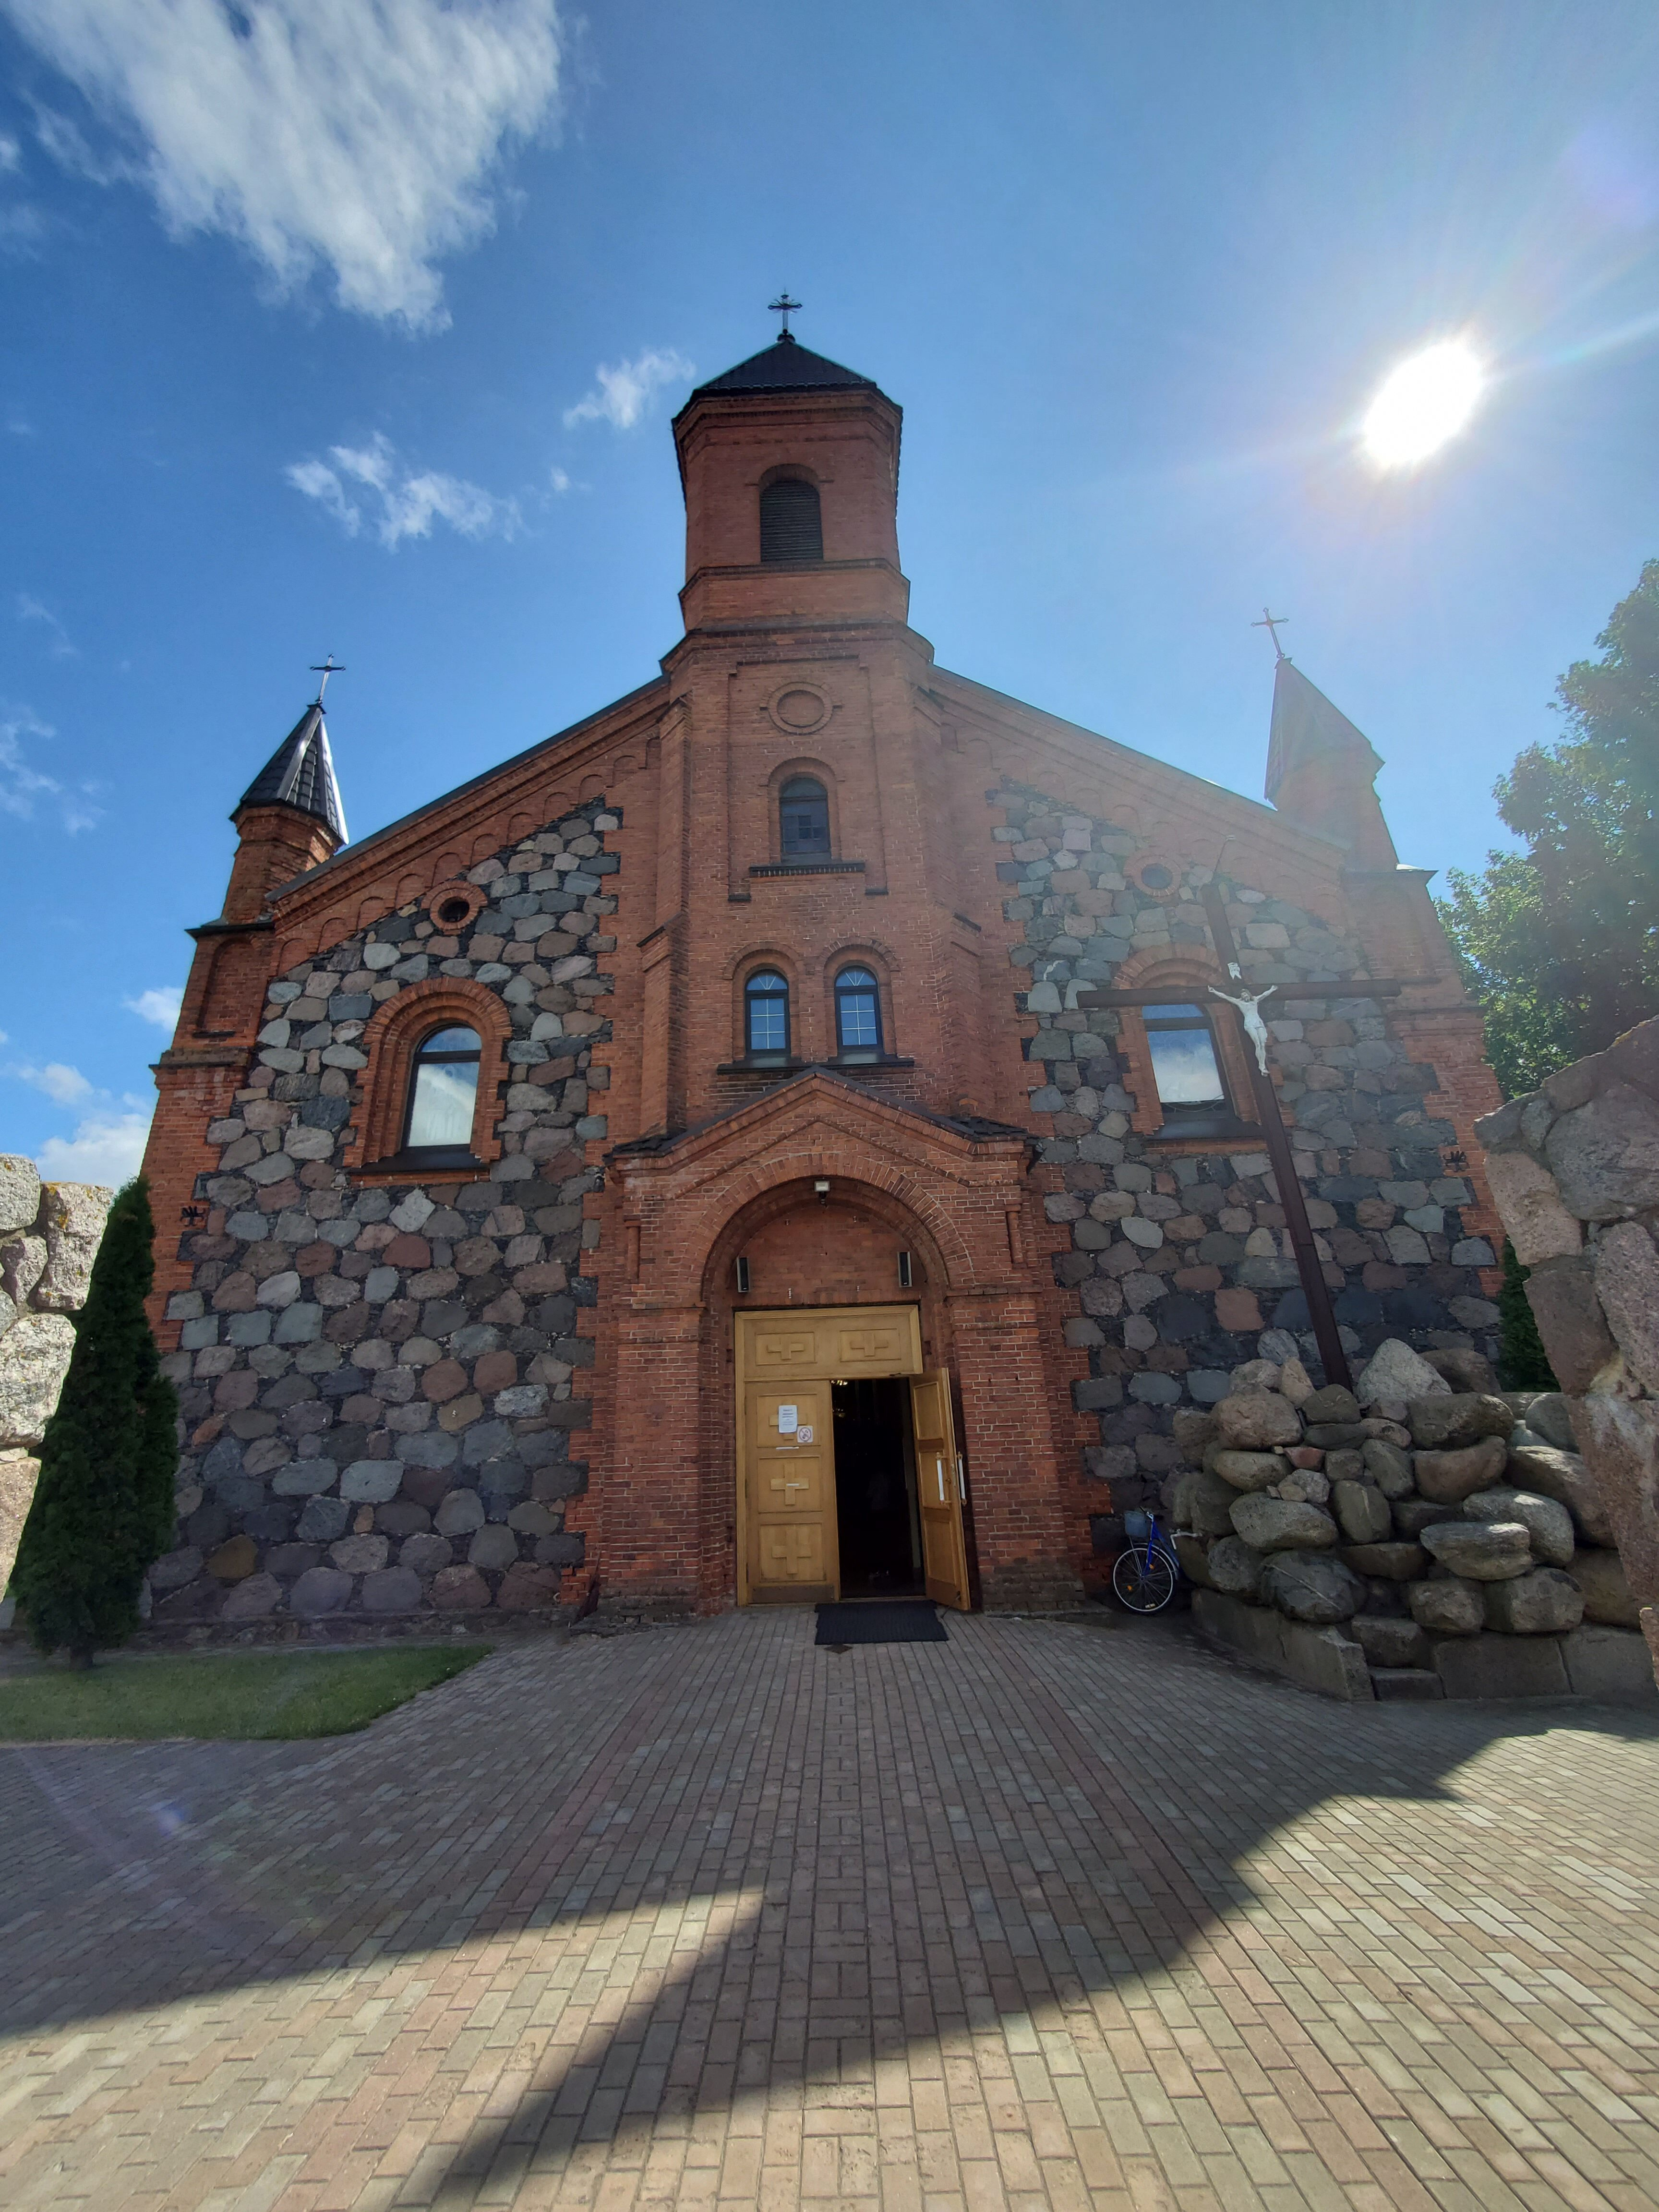 20200801 114006 rotated - Костел Рождества Пресвятой Девы Марии в Браславе